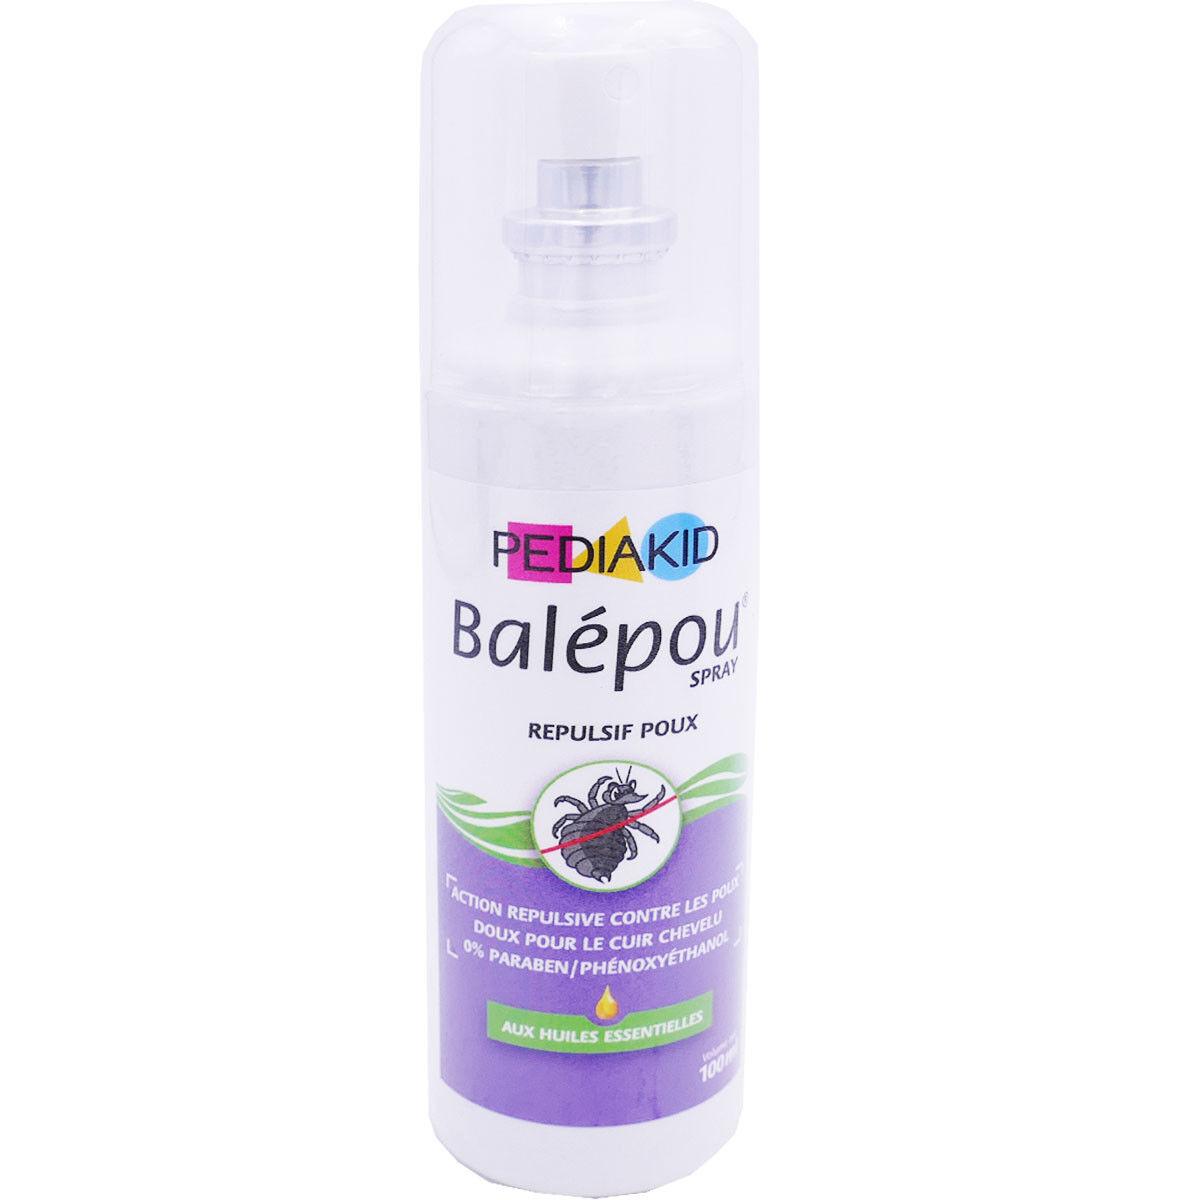 Pediakid balepou spray rÉpulsif poux 100 ml